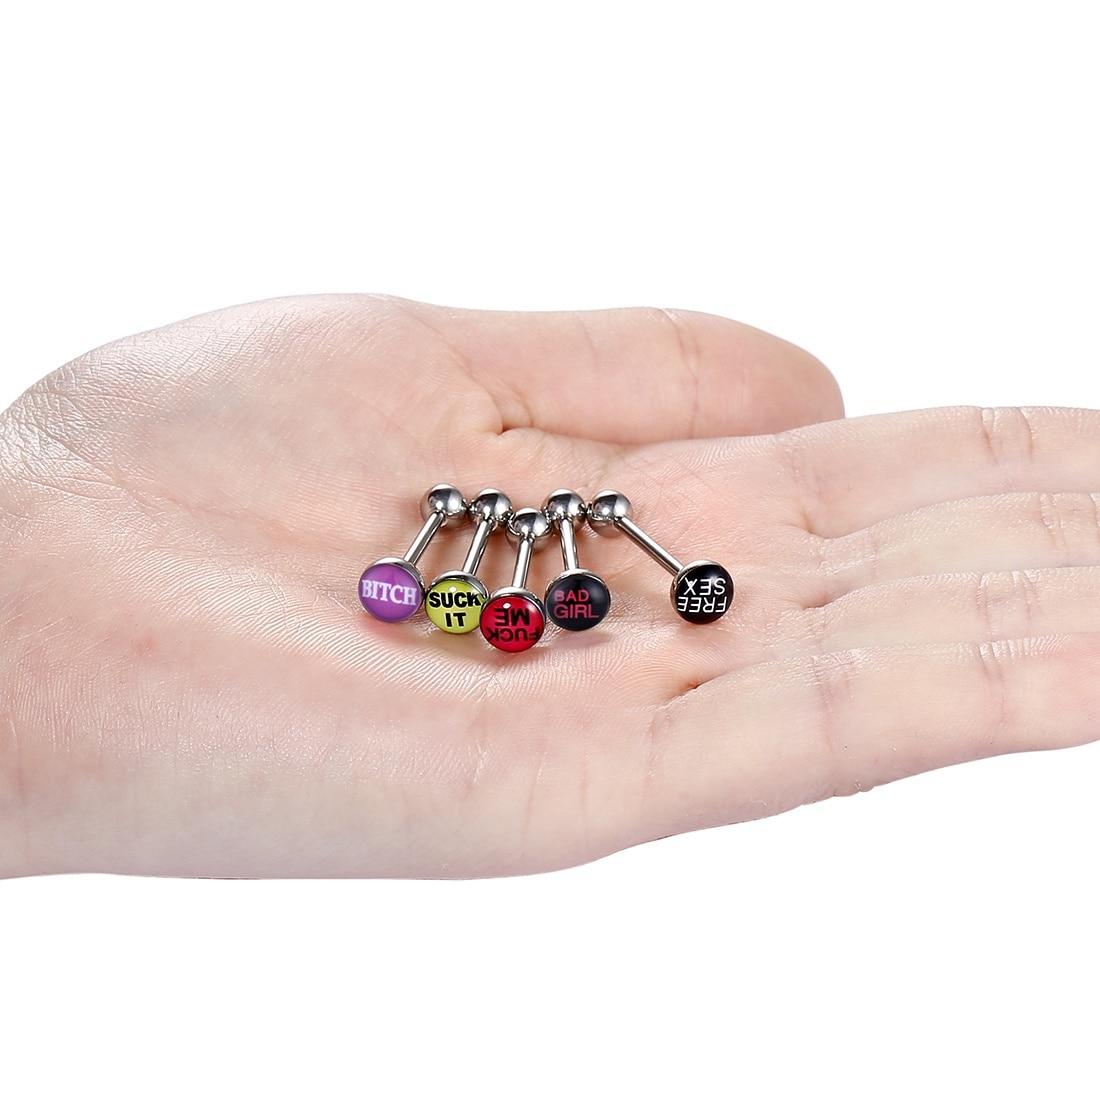 5 шт./лот популярный язык кольцо-пирсинг в язык штанги пирсинг 316L нержавеющая сталь пирсинг Ланге 14 г для девочек женщин SD046